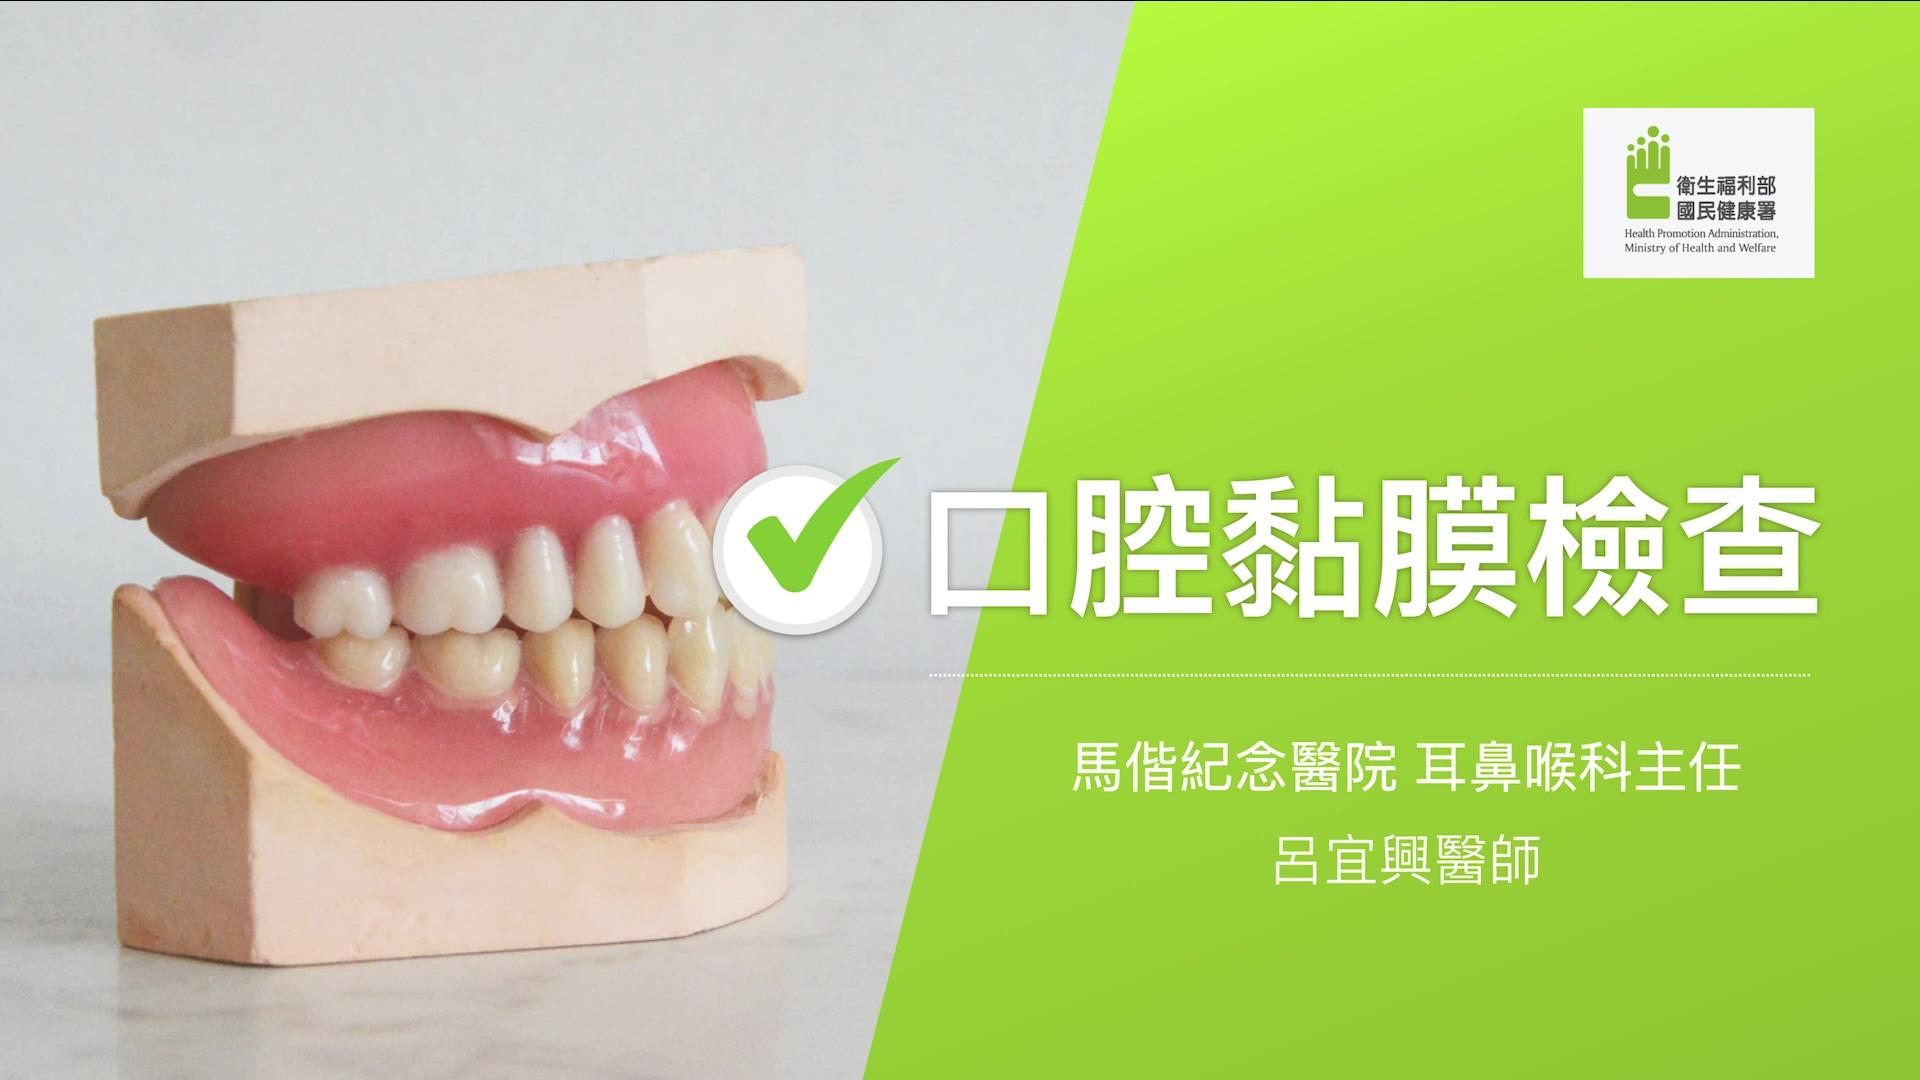 打倒口腔癌 定期口腔黏膜檢查